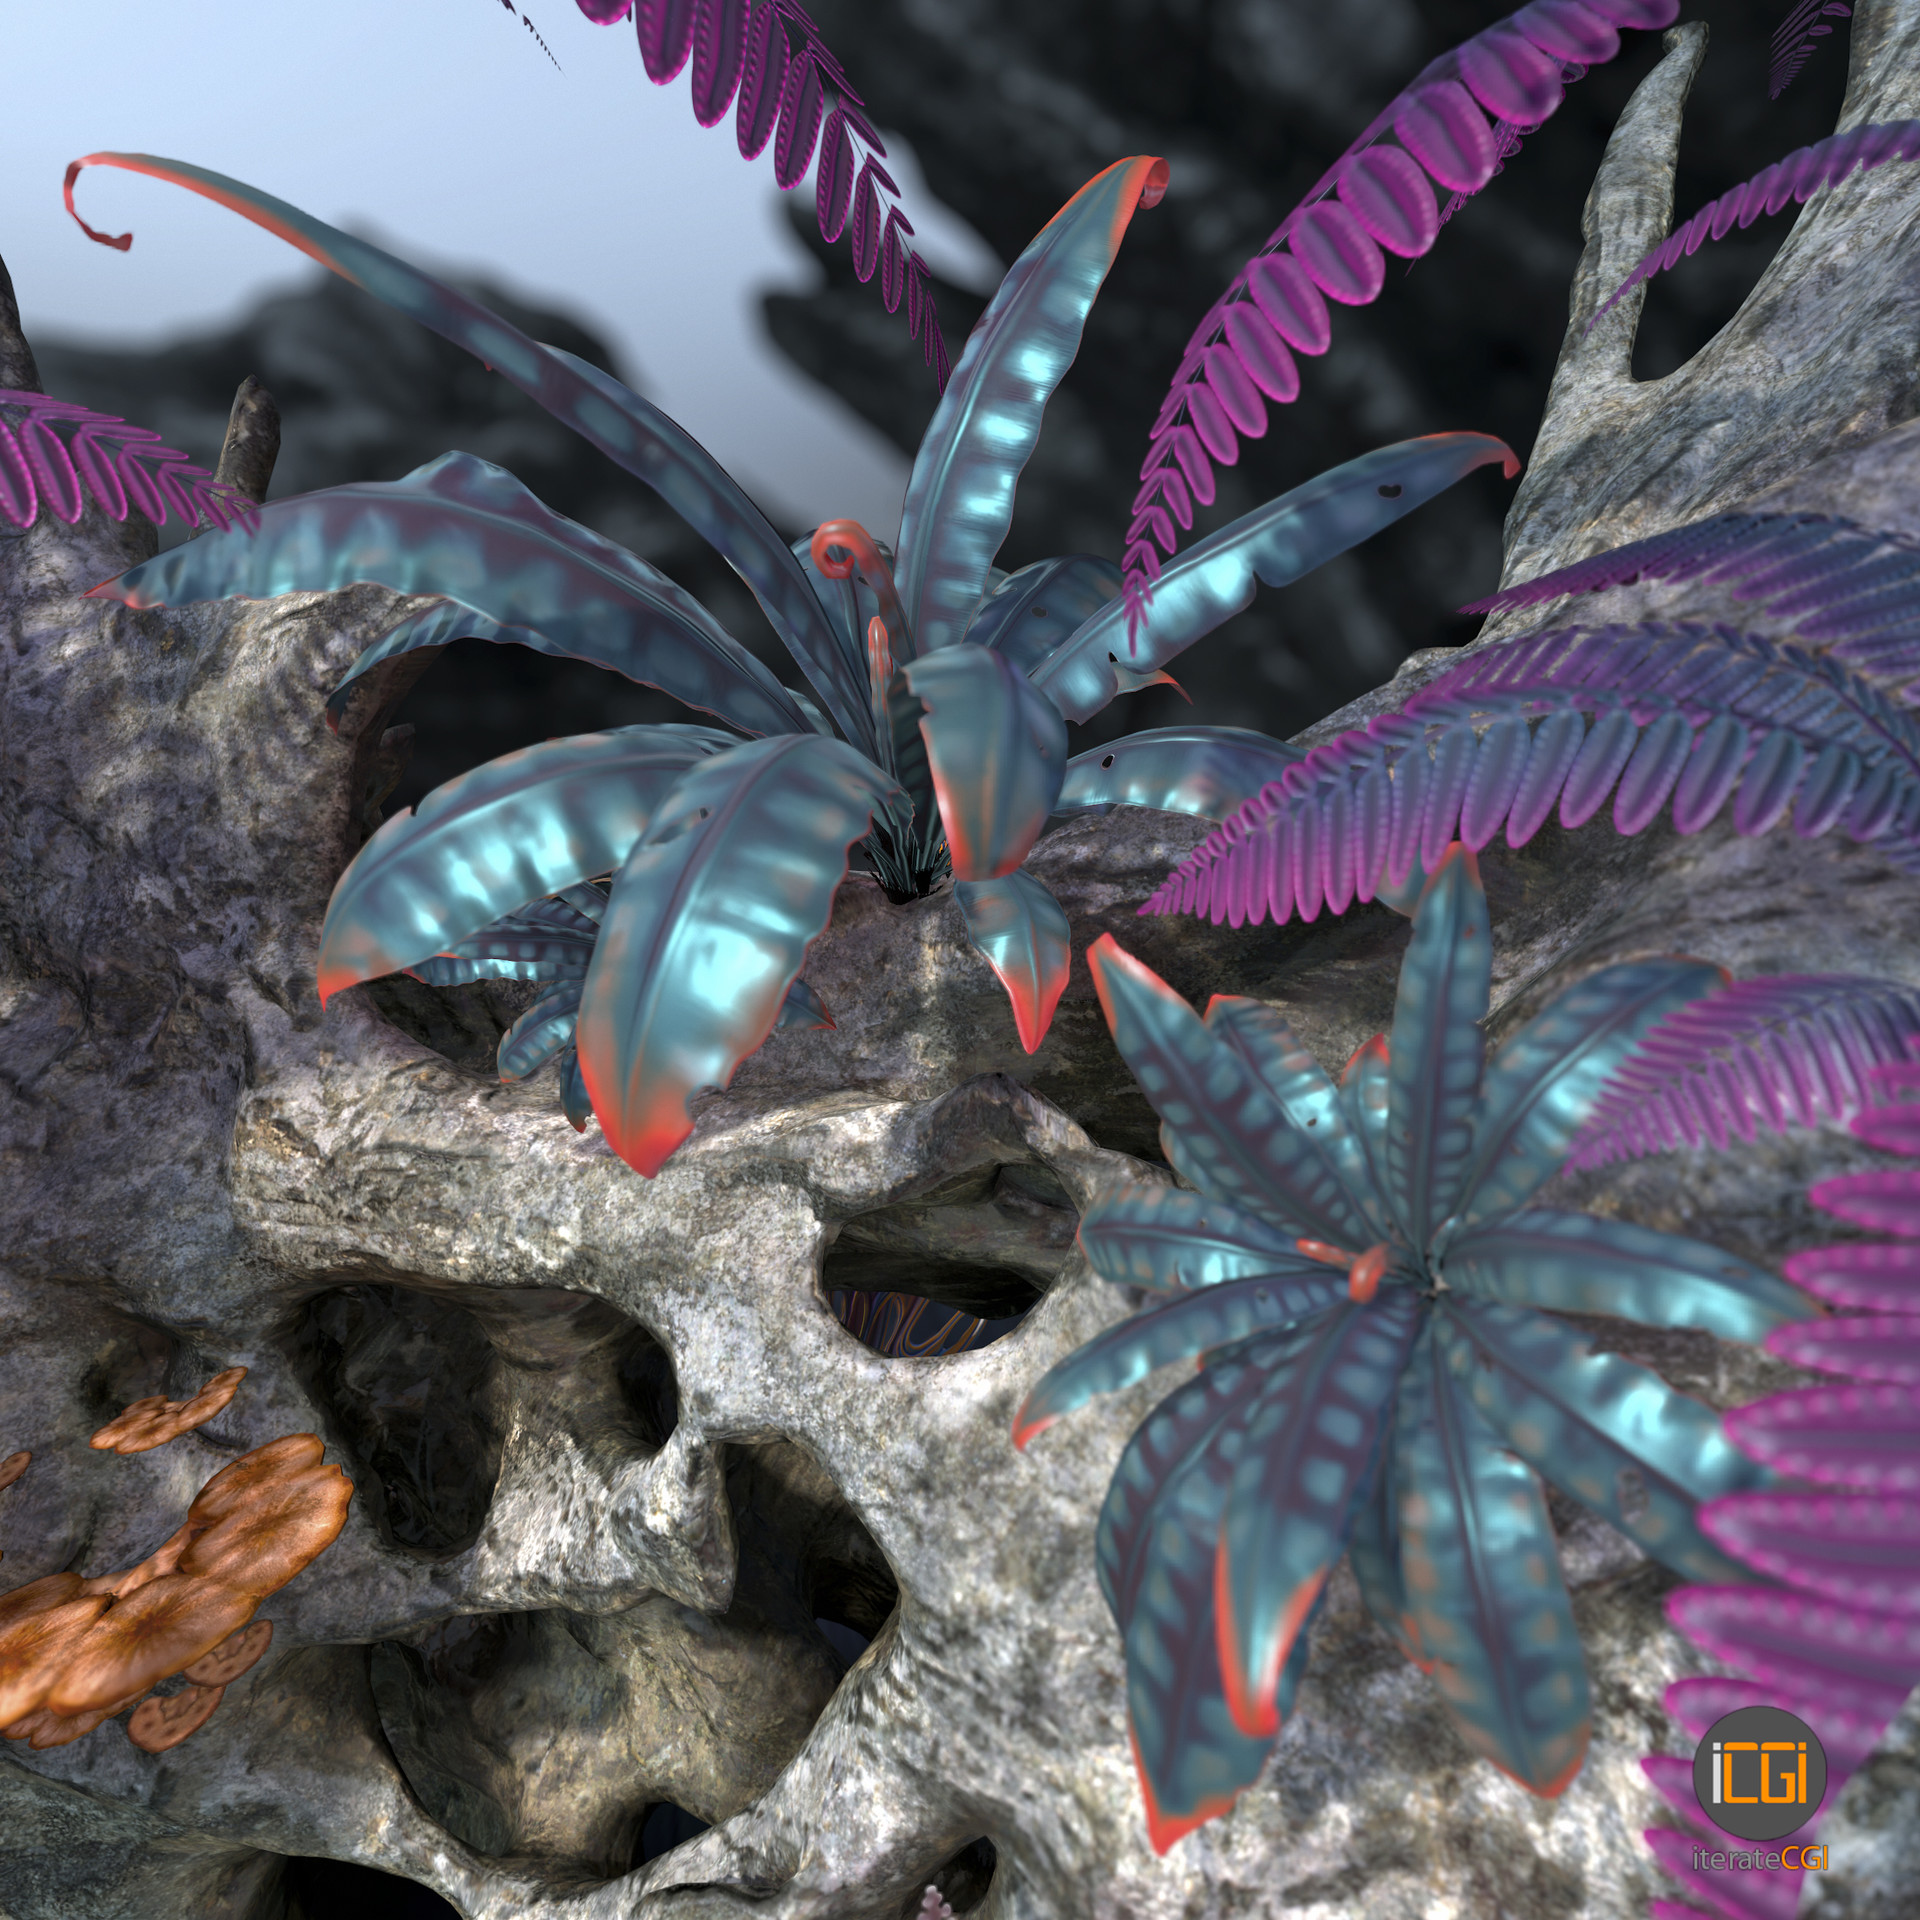 Johan de leenheer alien plant collection20